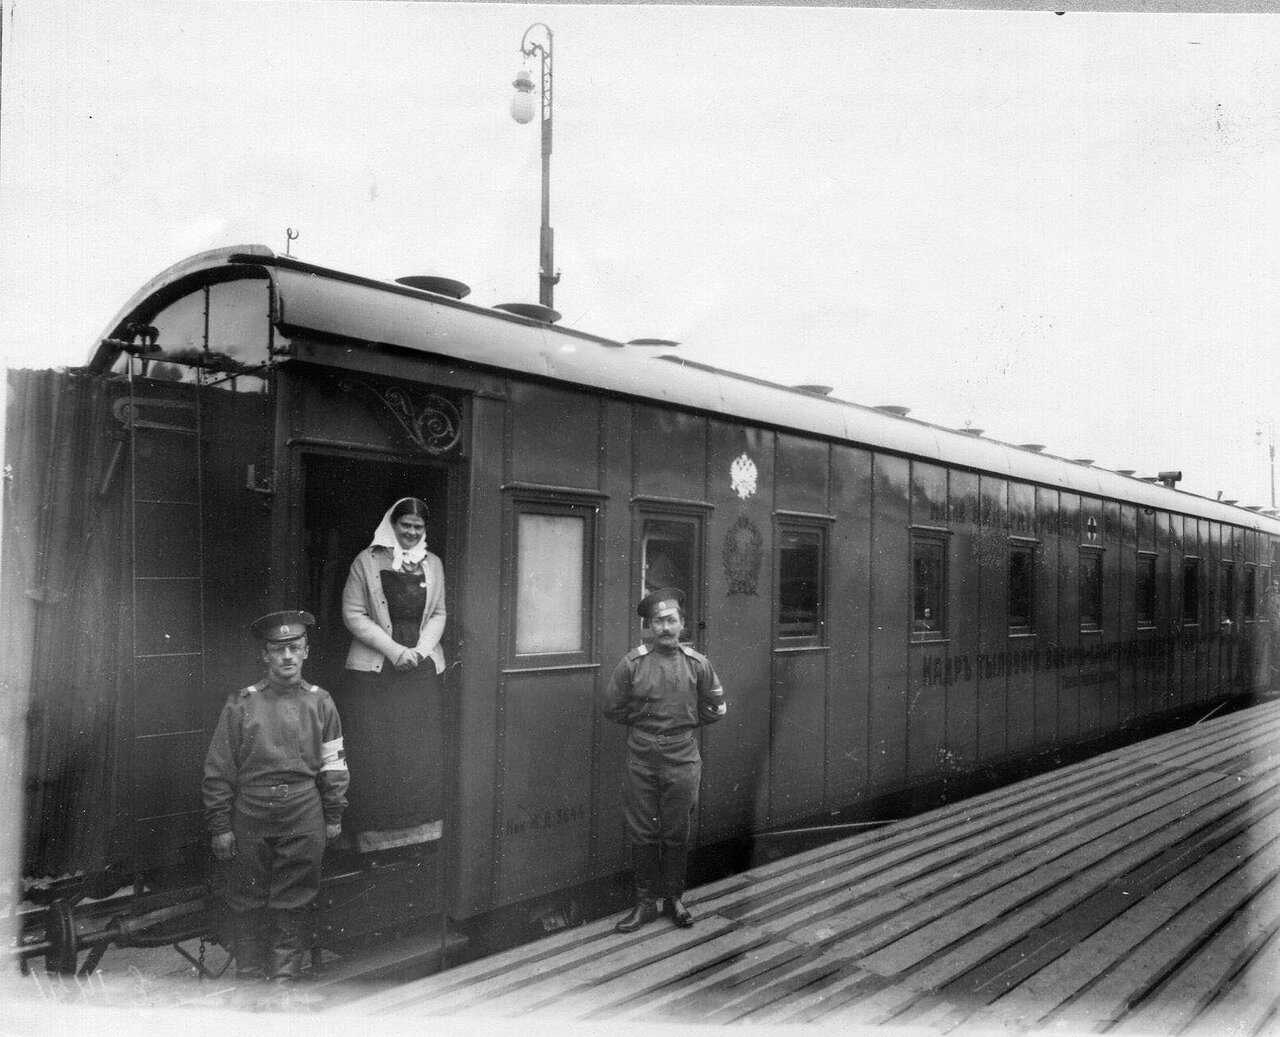 03.Внешний вид одного из вагонов поезд